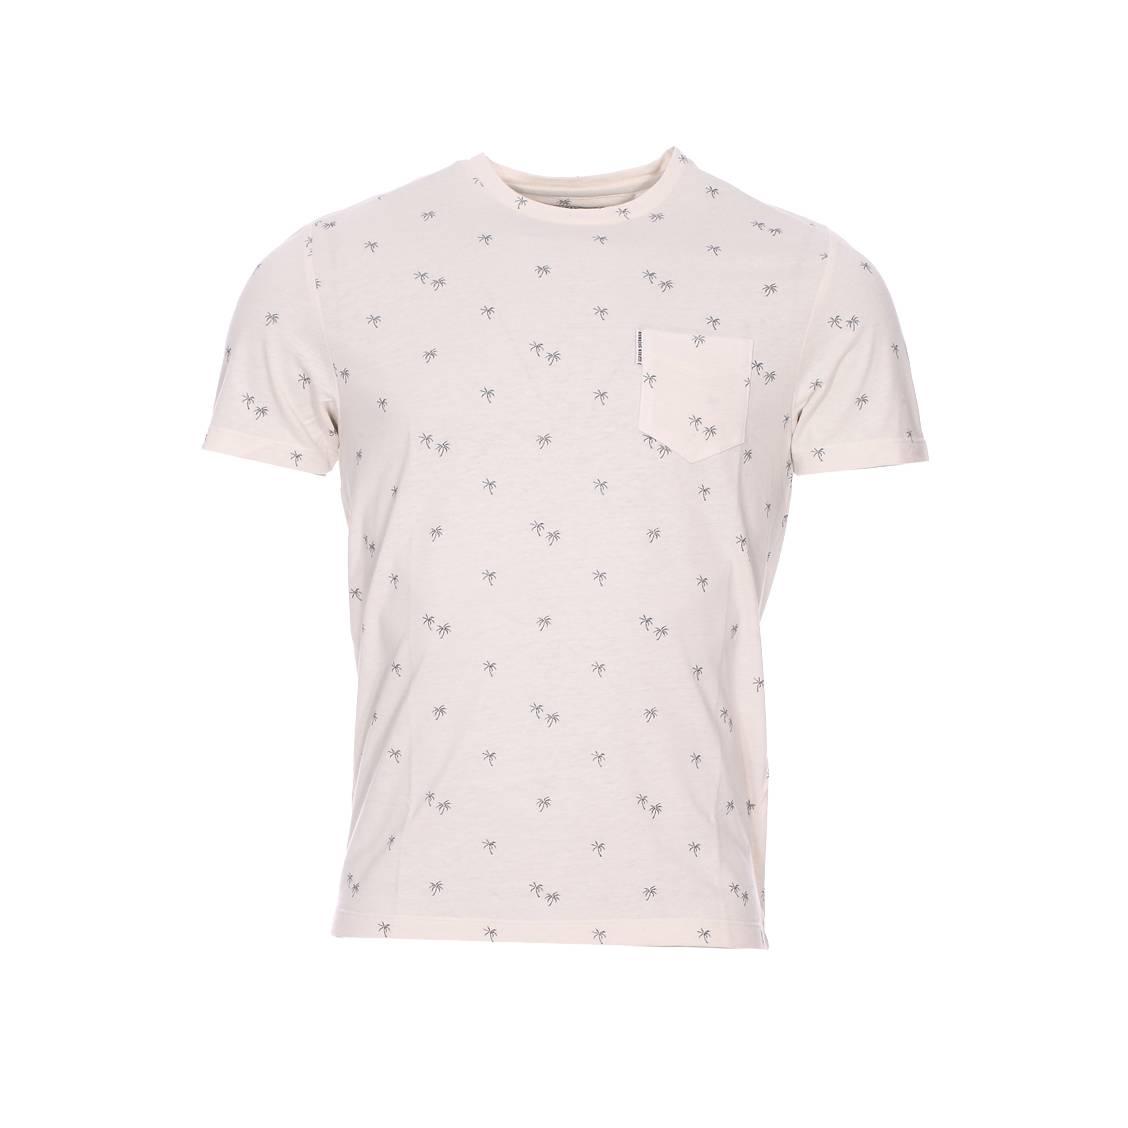 Tee-shirt col rond  crème à petits palmiers bleus